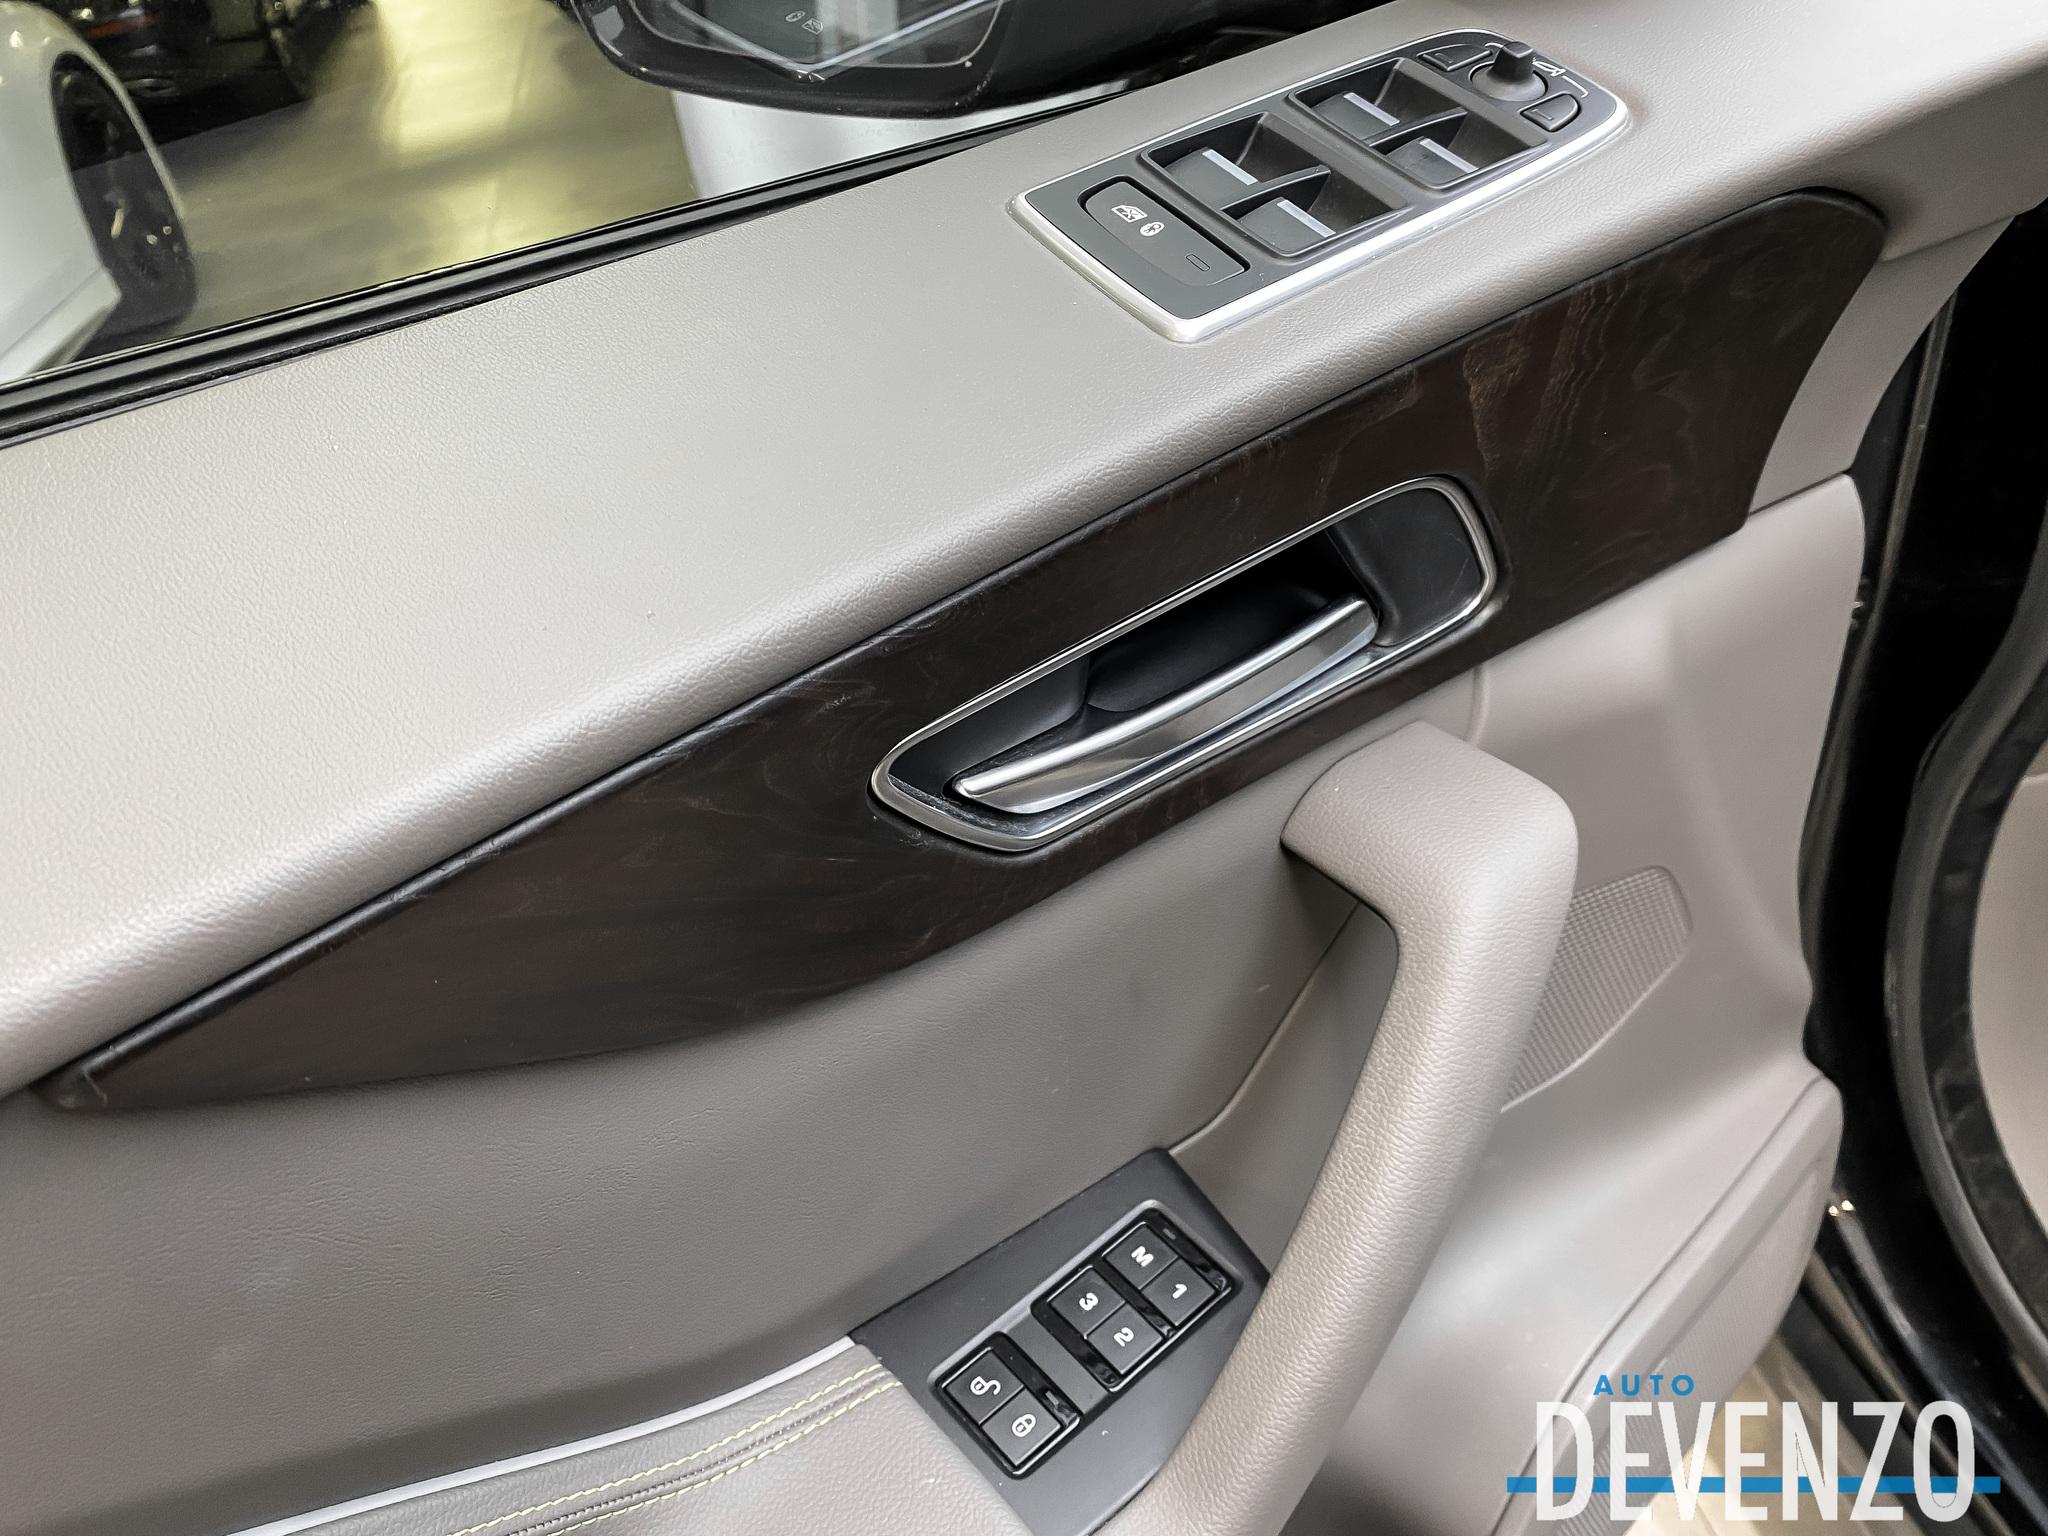 2017 Jaguar F-Pace AWD 35t R-SPORT 340HP complet